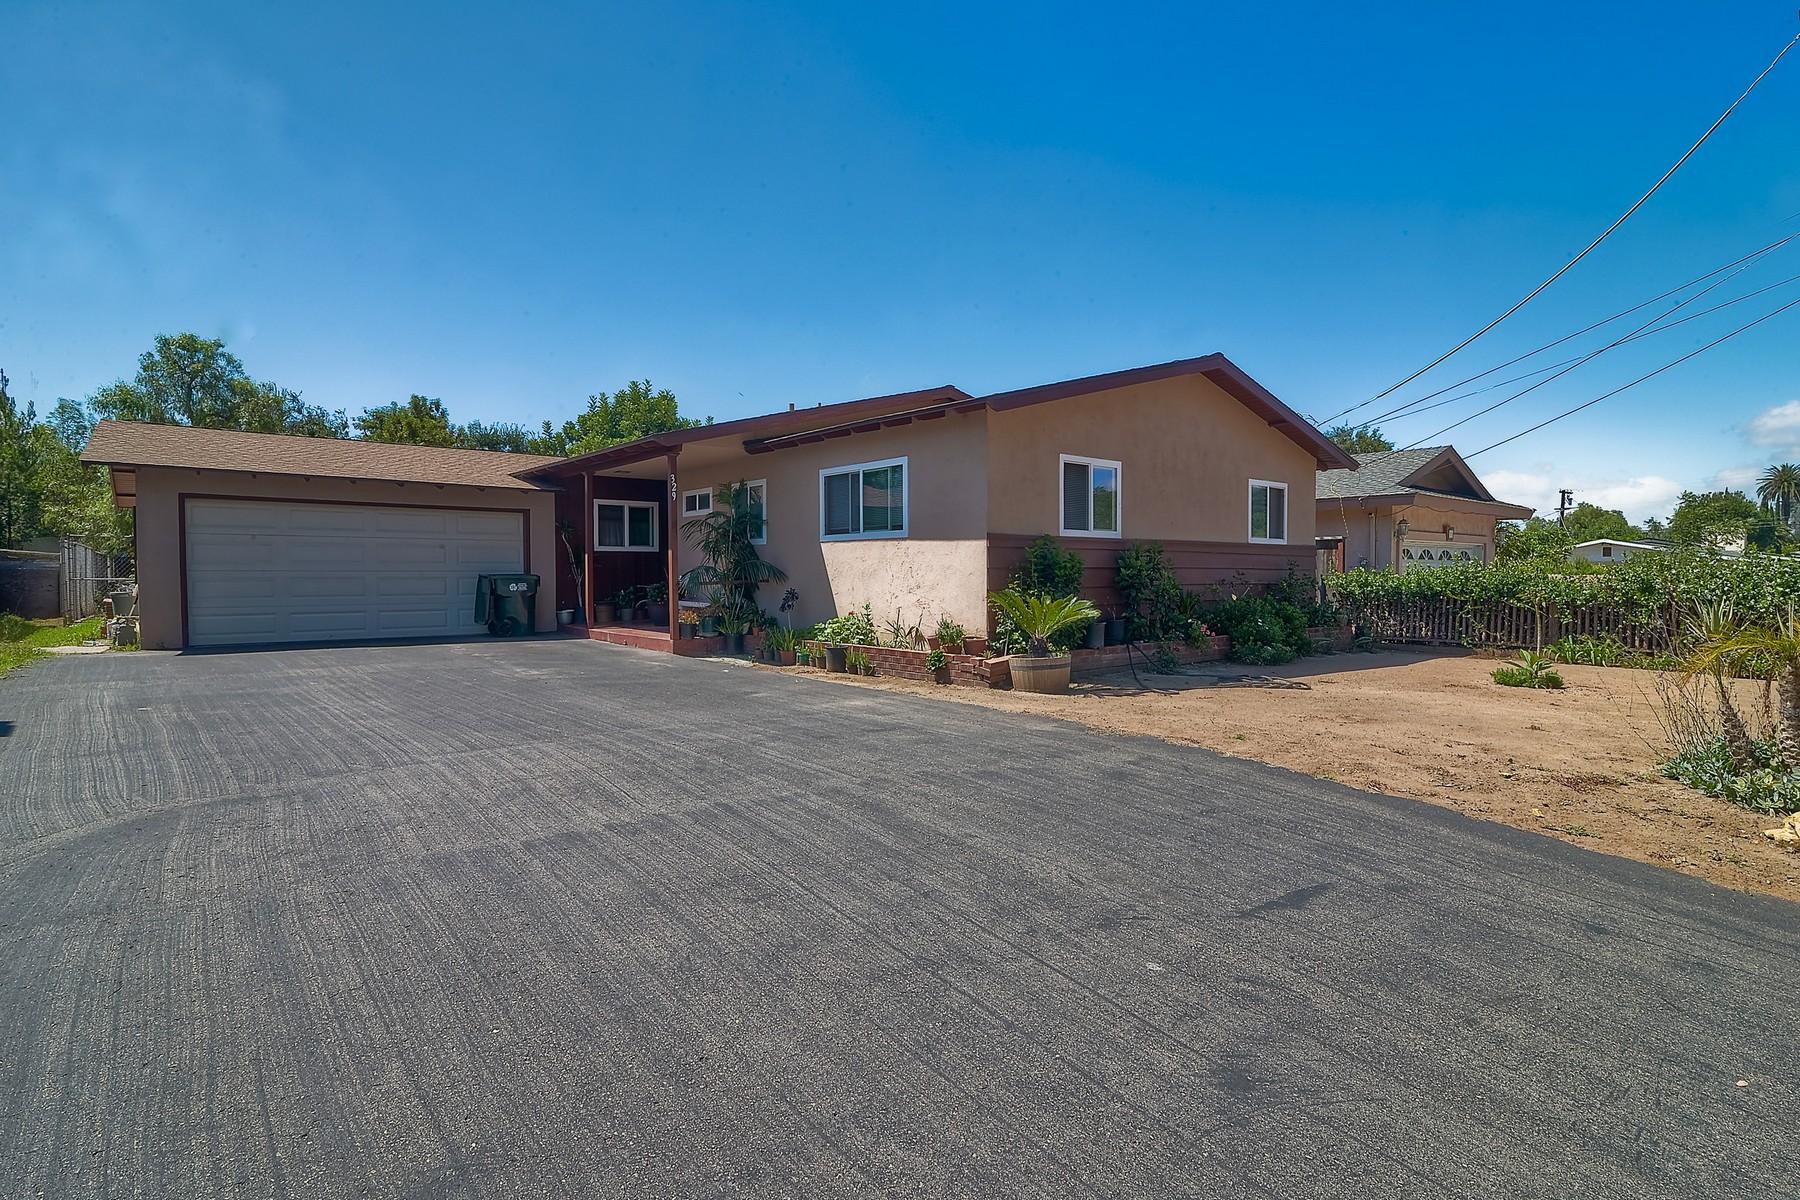 Maison unifamiliale pour l Vente à 329 East 11th Avenue Escondido, Californie 92025 États-Unis